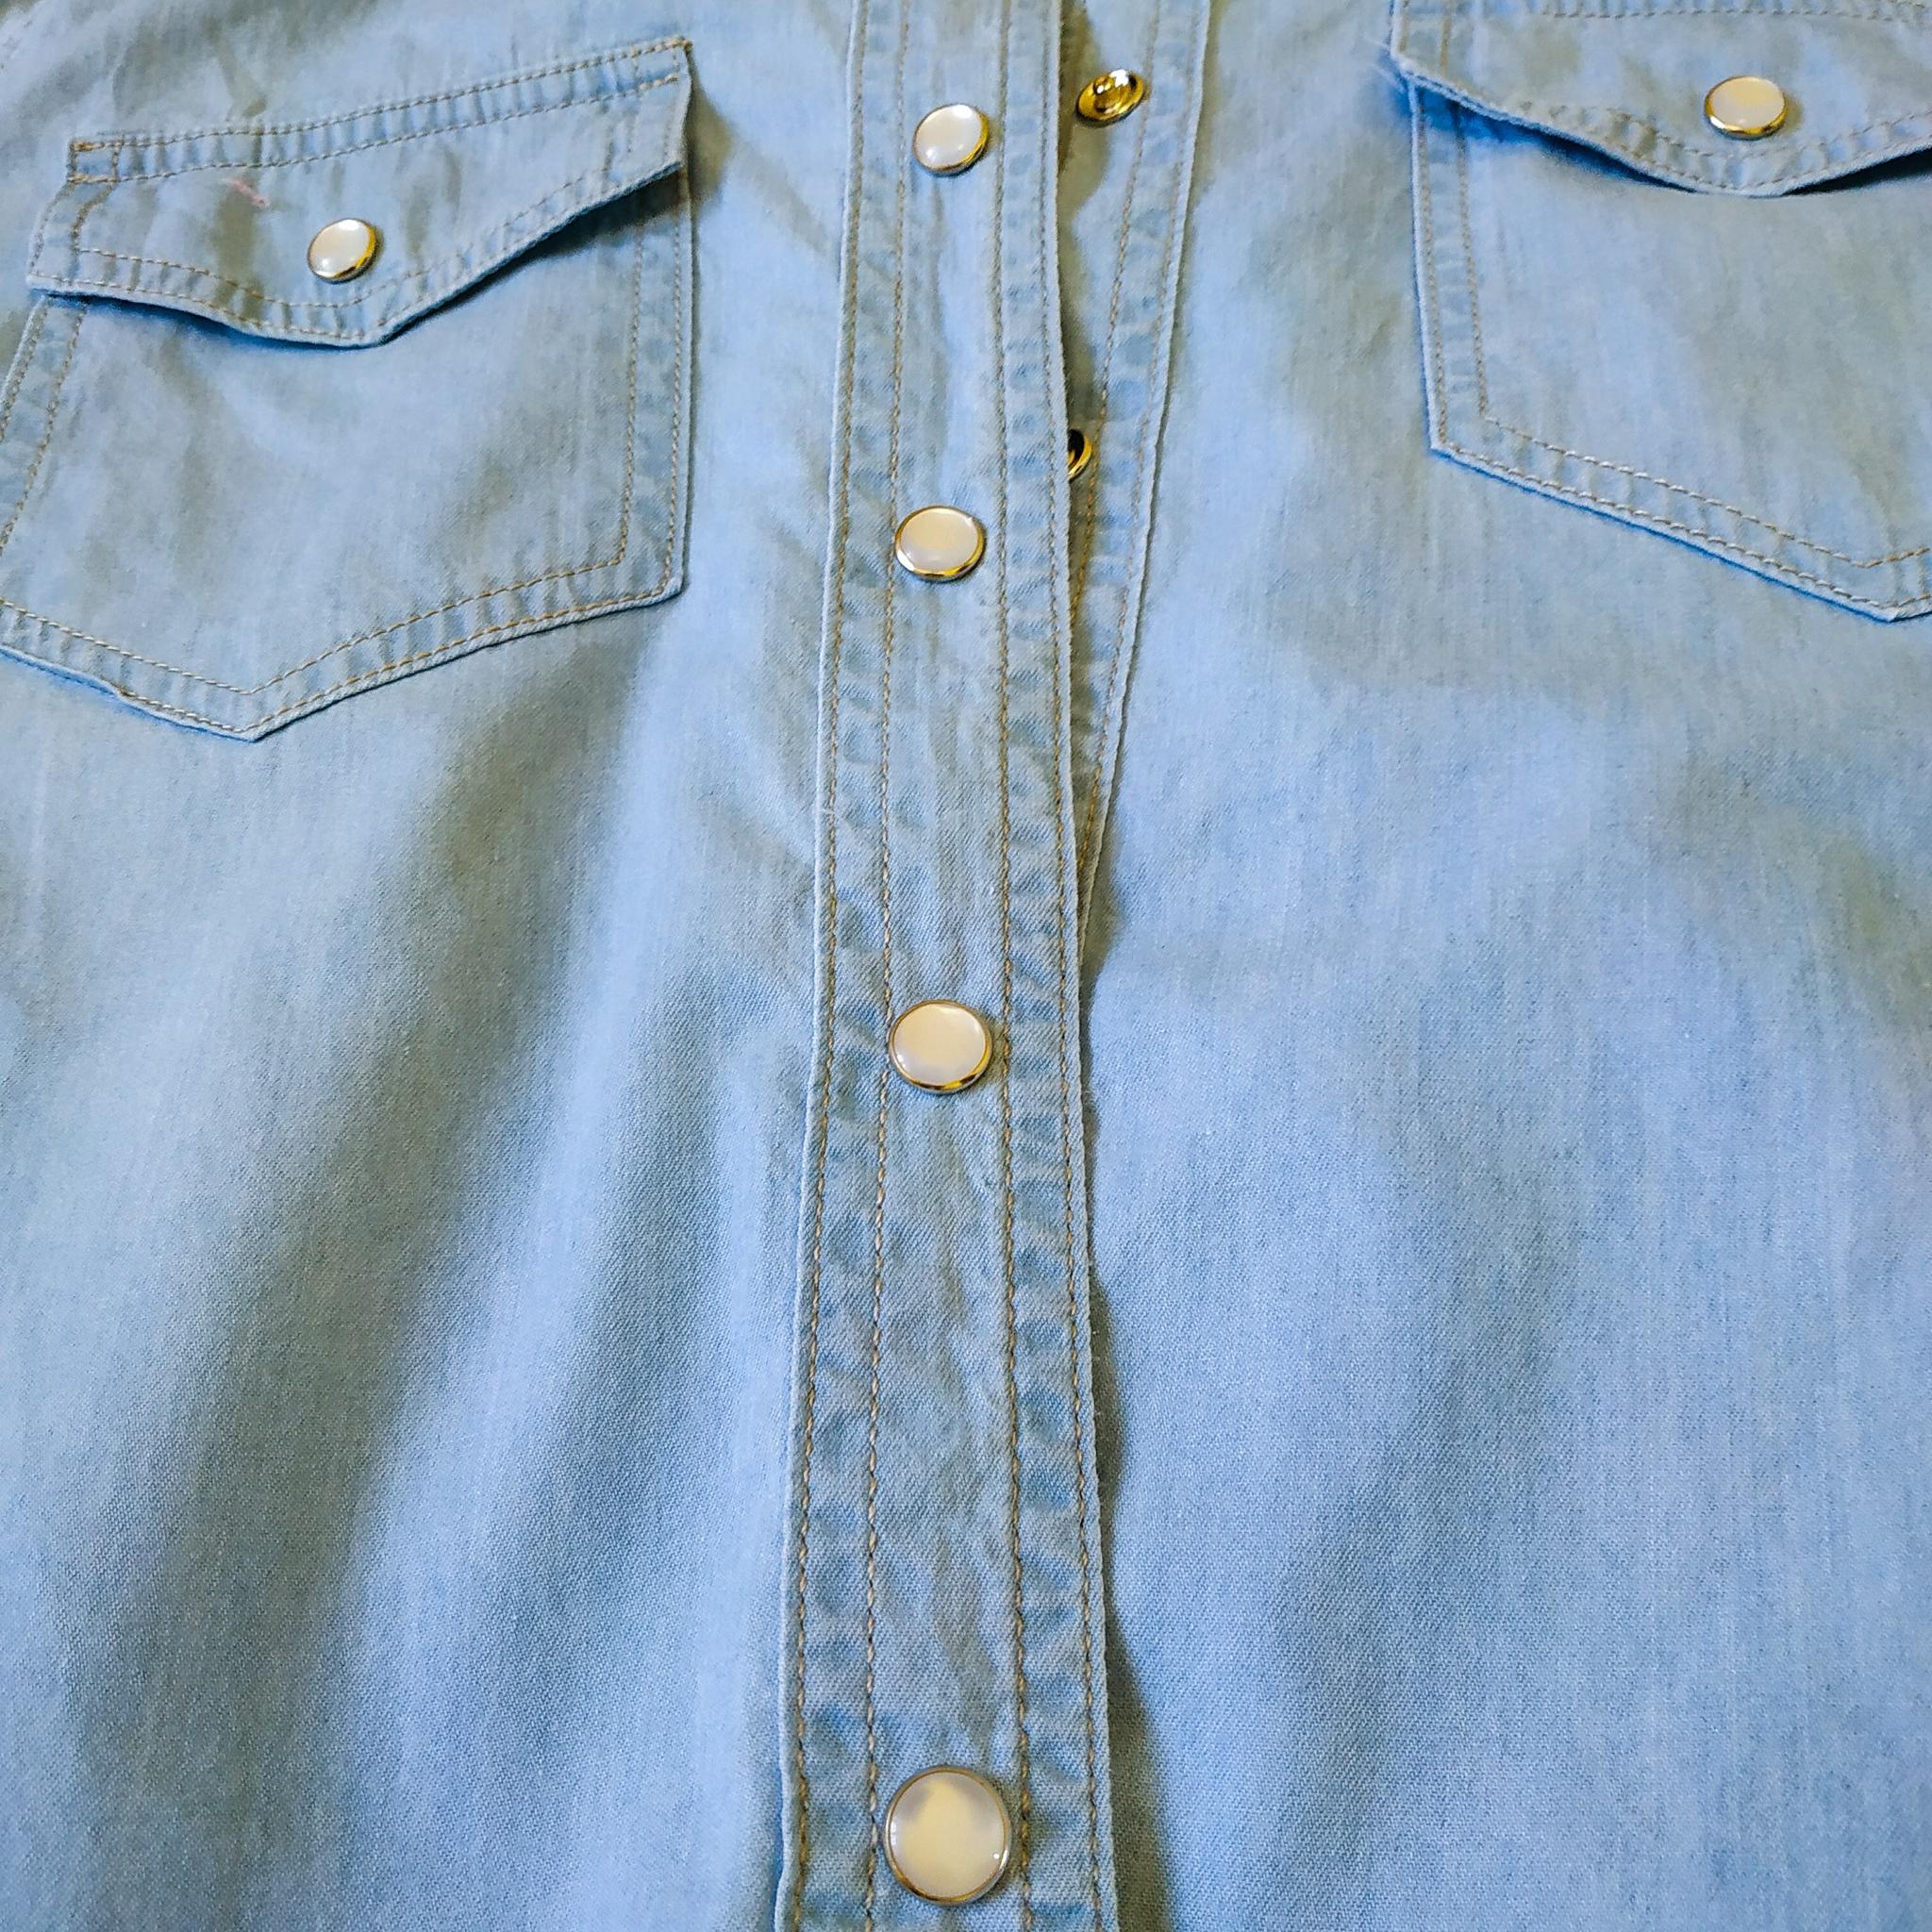 Джинсовая рубашка - quot;универсальный солдатquot; вашего гардероба!